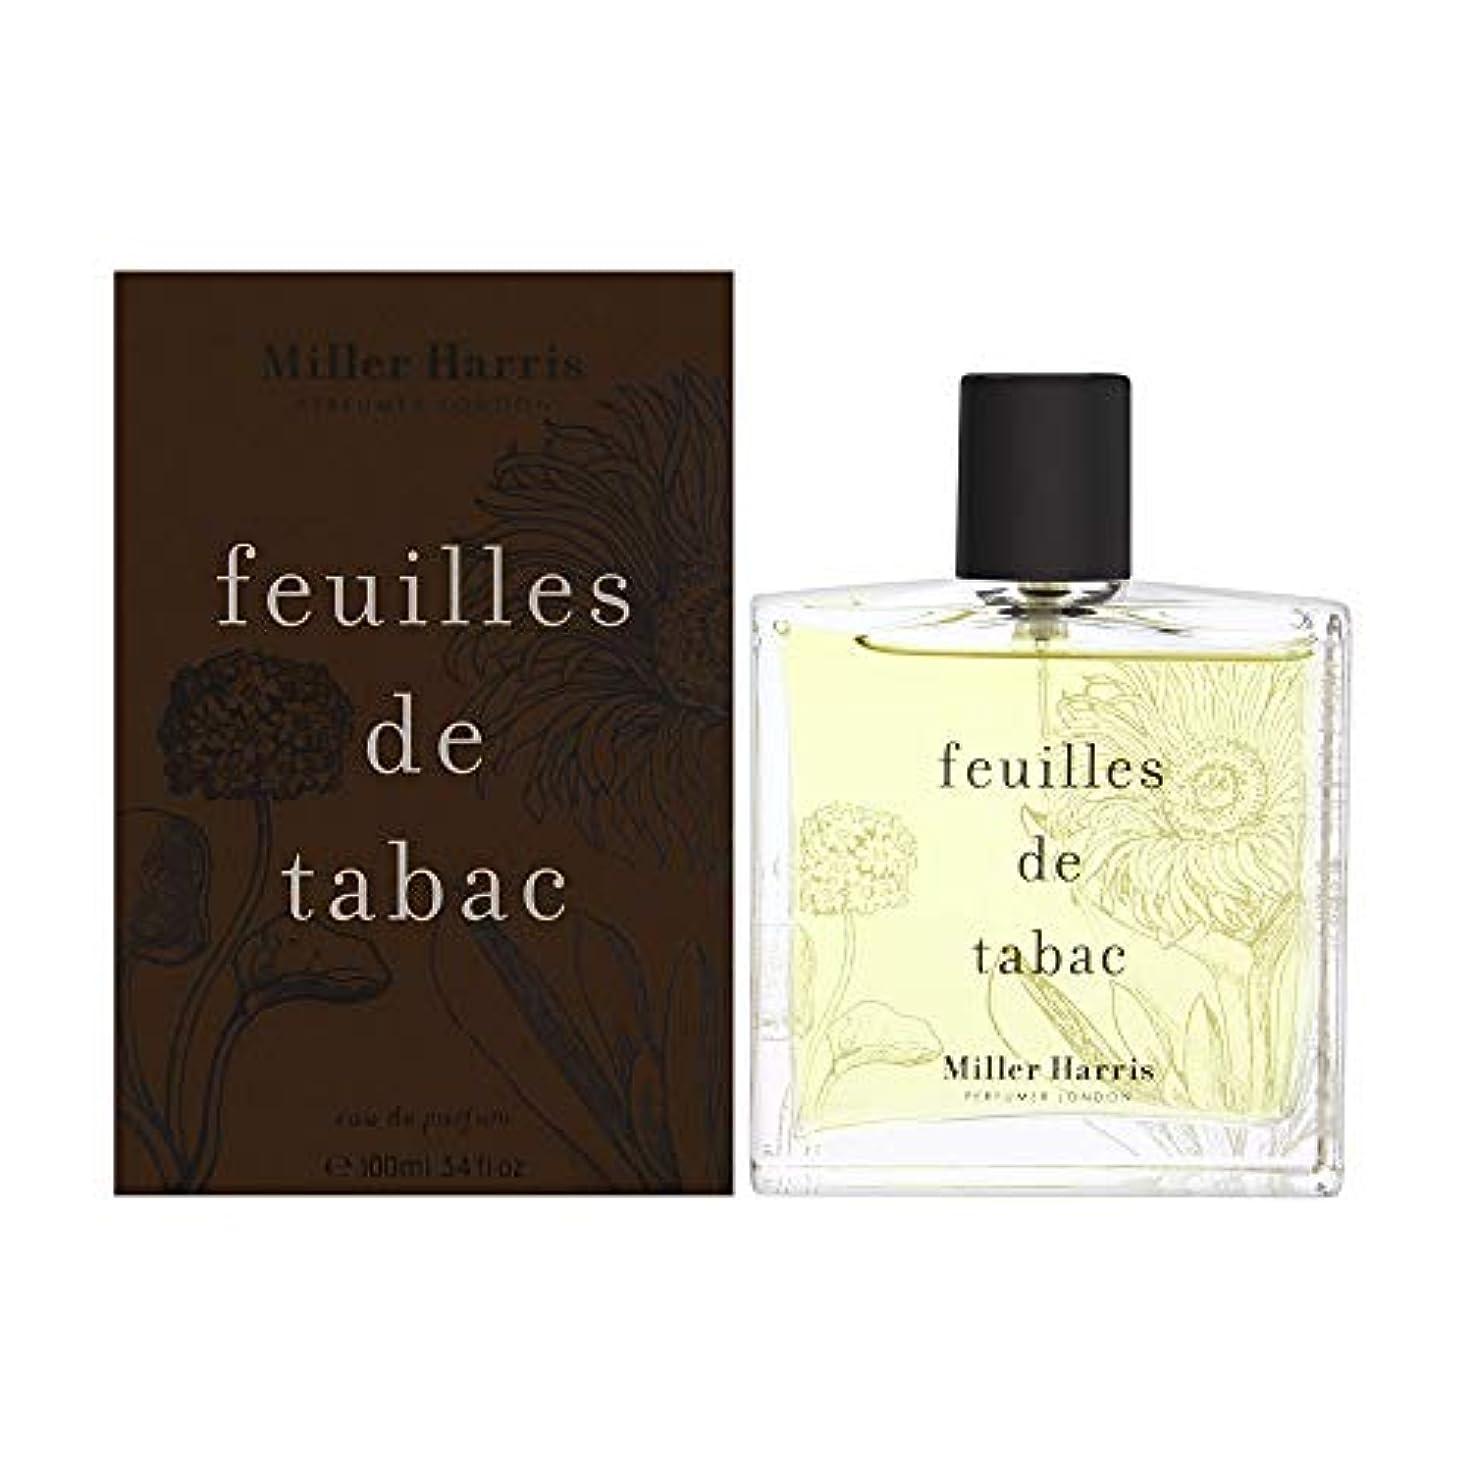 リップ光電余計なミラーハリス Feuilles De Tabac Eau De Parfum Spray 100ml/3.4oz並行輸入品